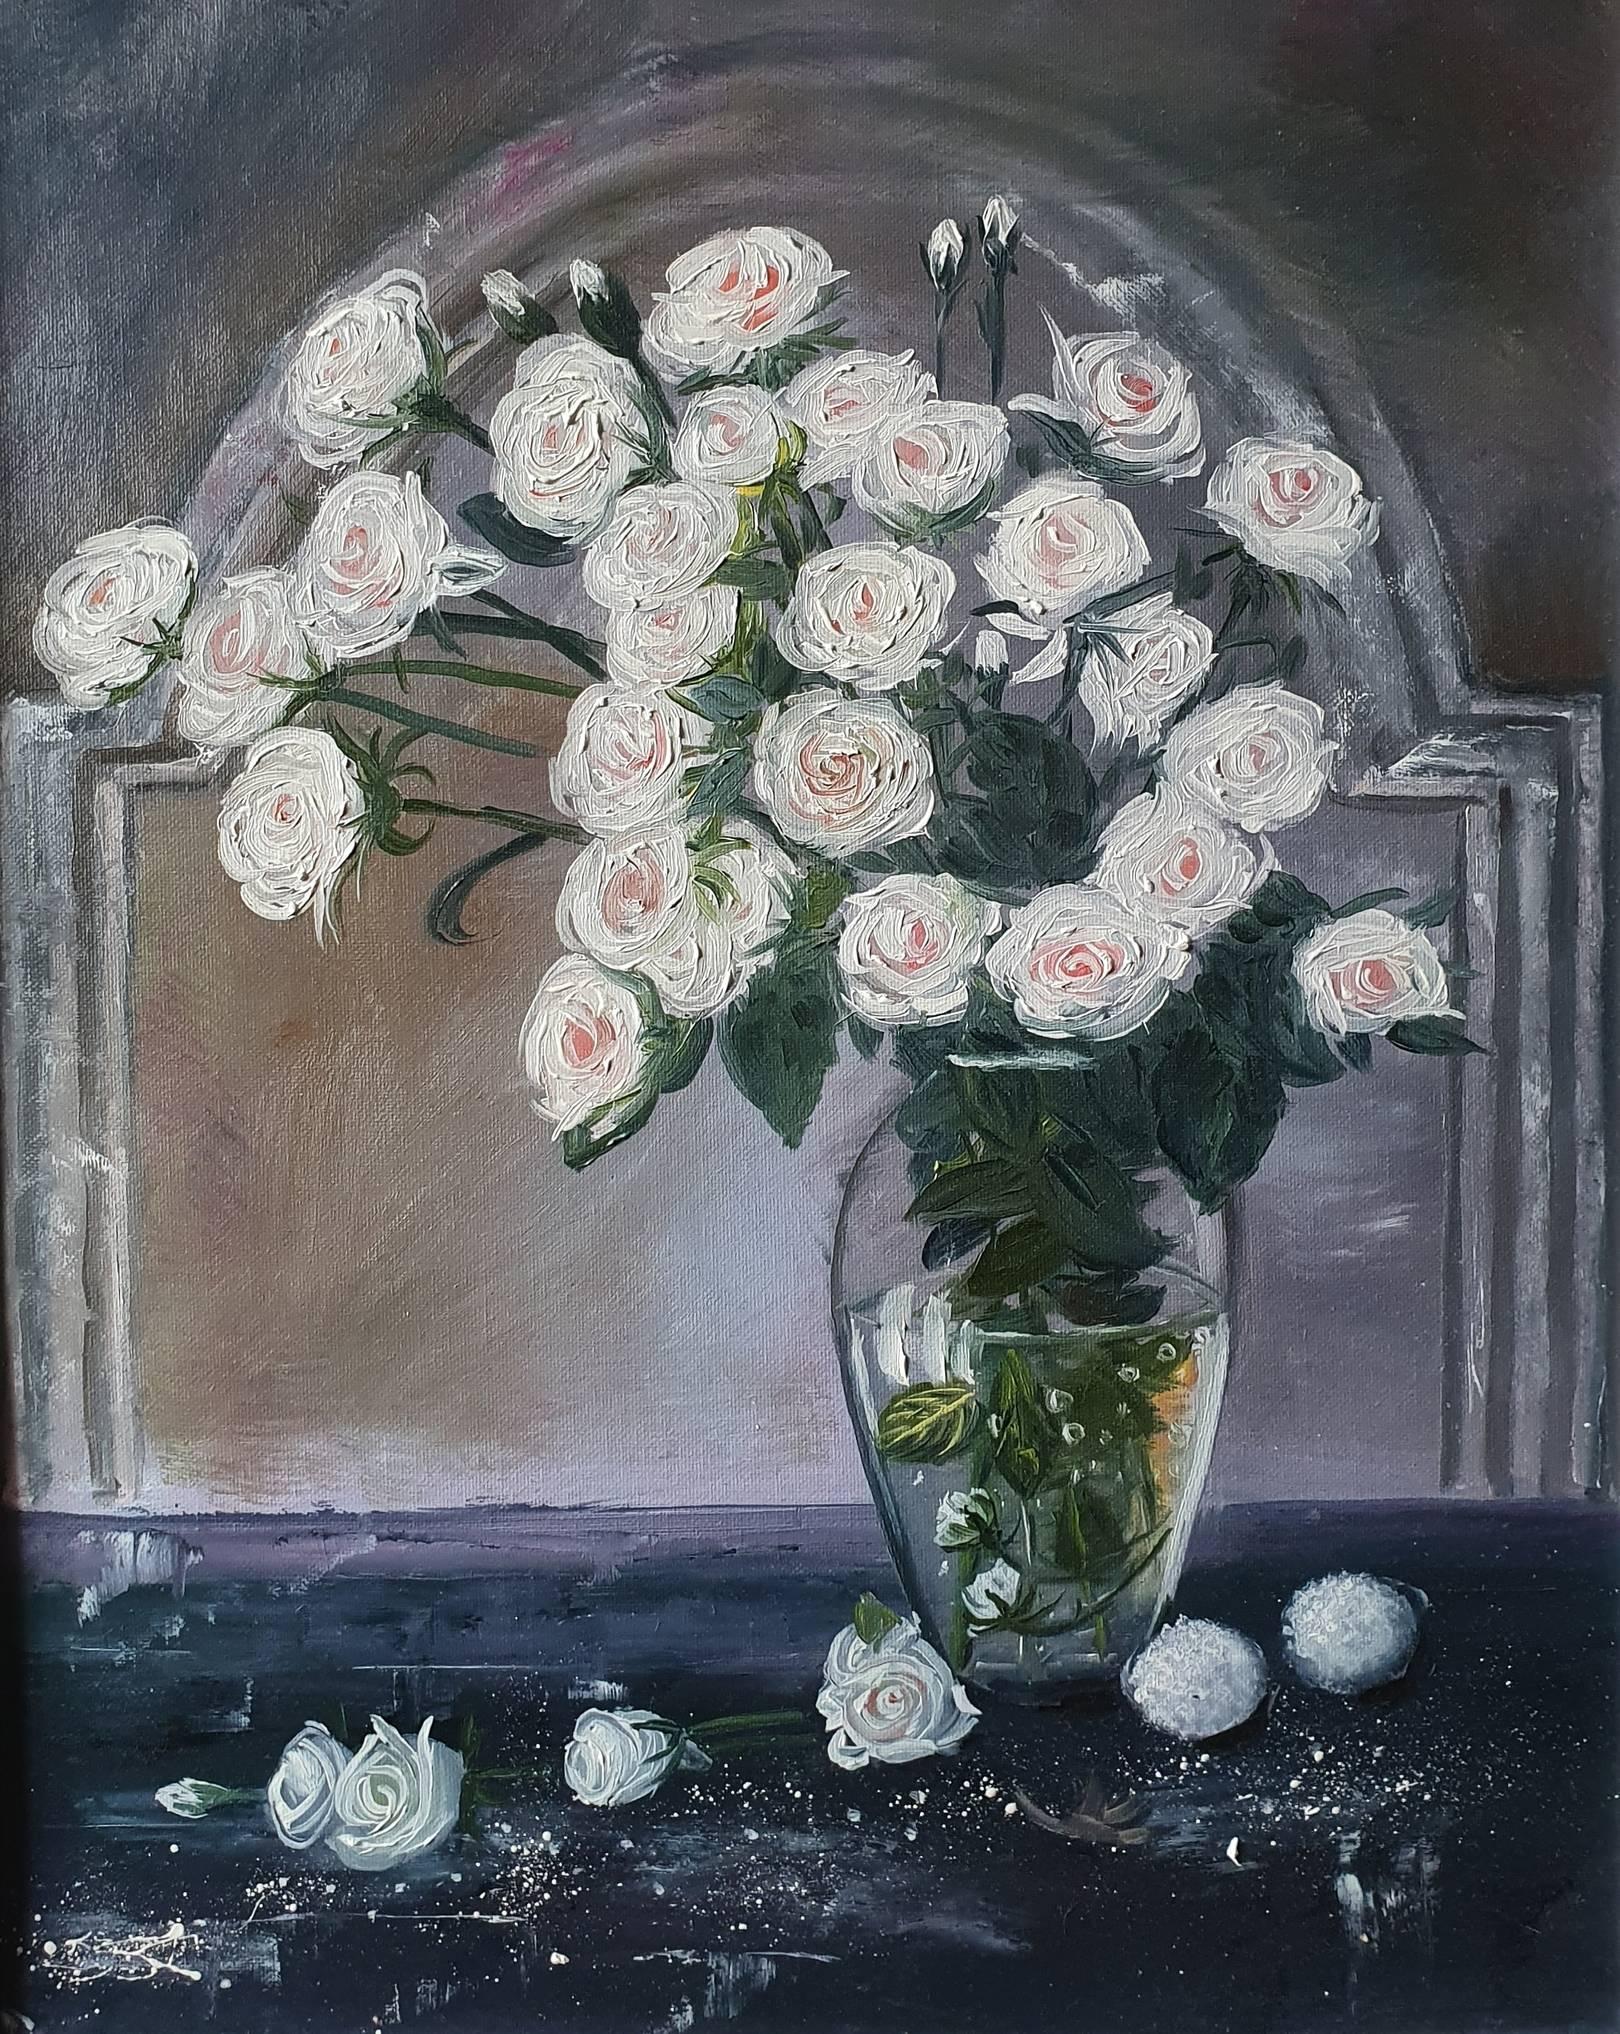 Белые розы.  Холст, масло, 40х50, 2020.